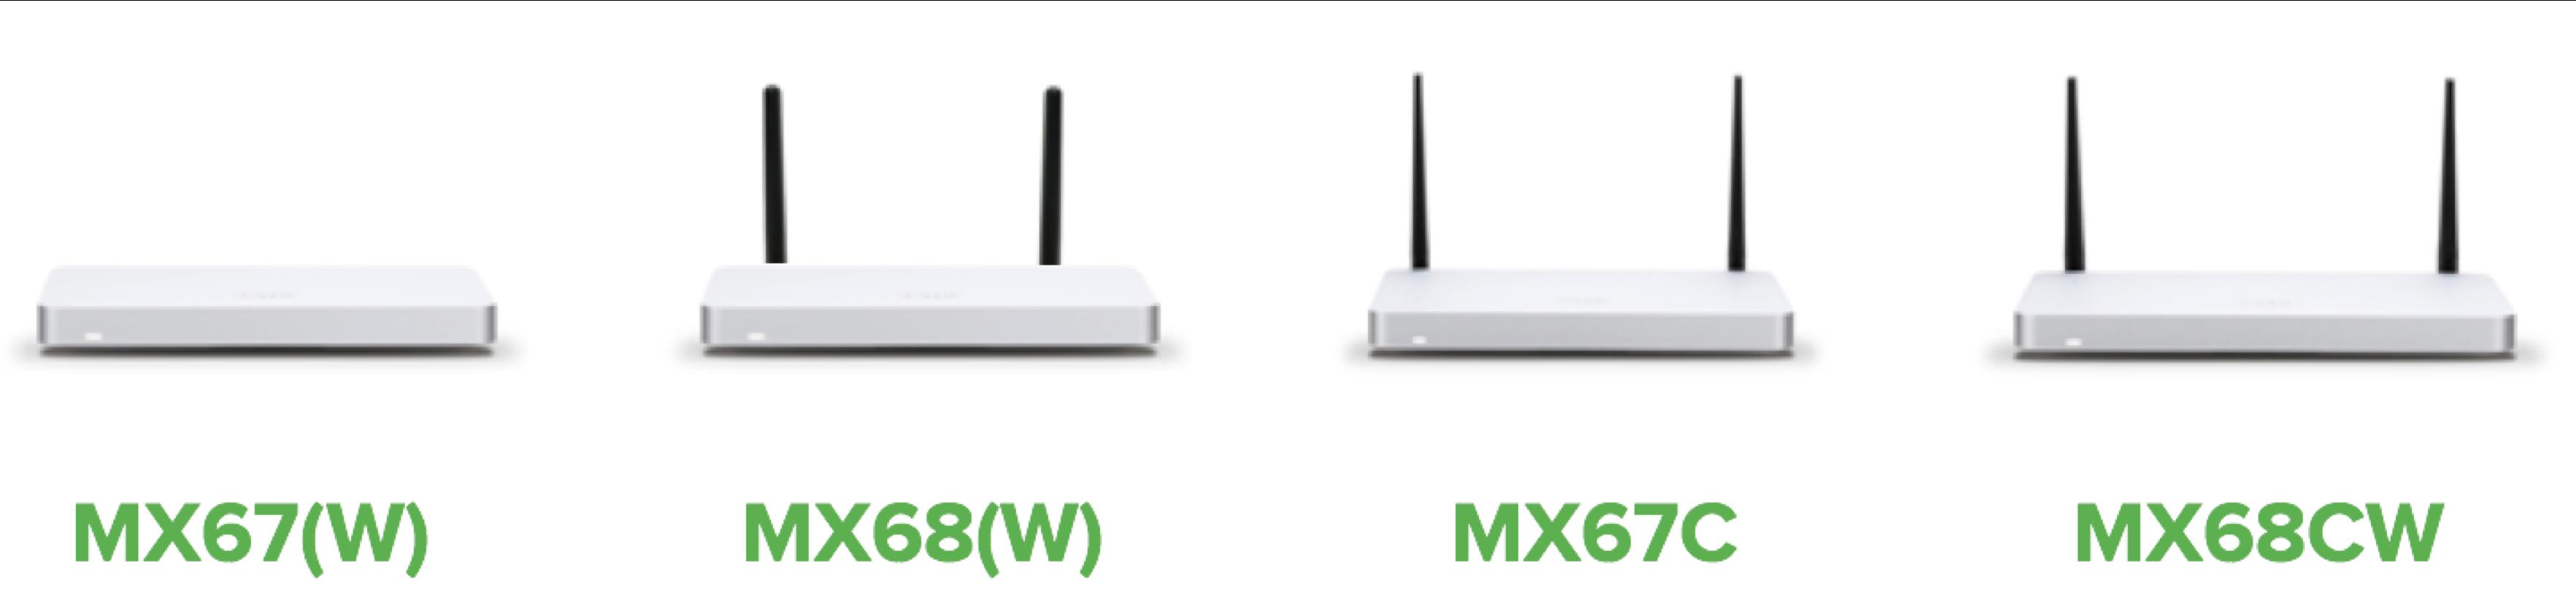 New-MX-Models